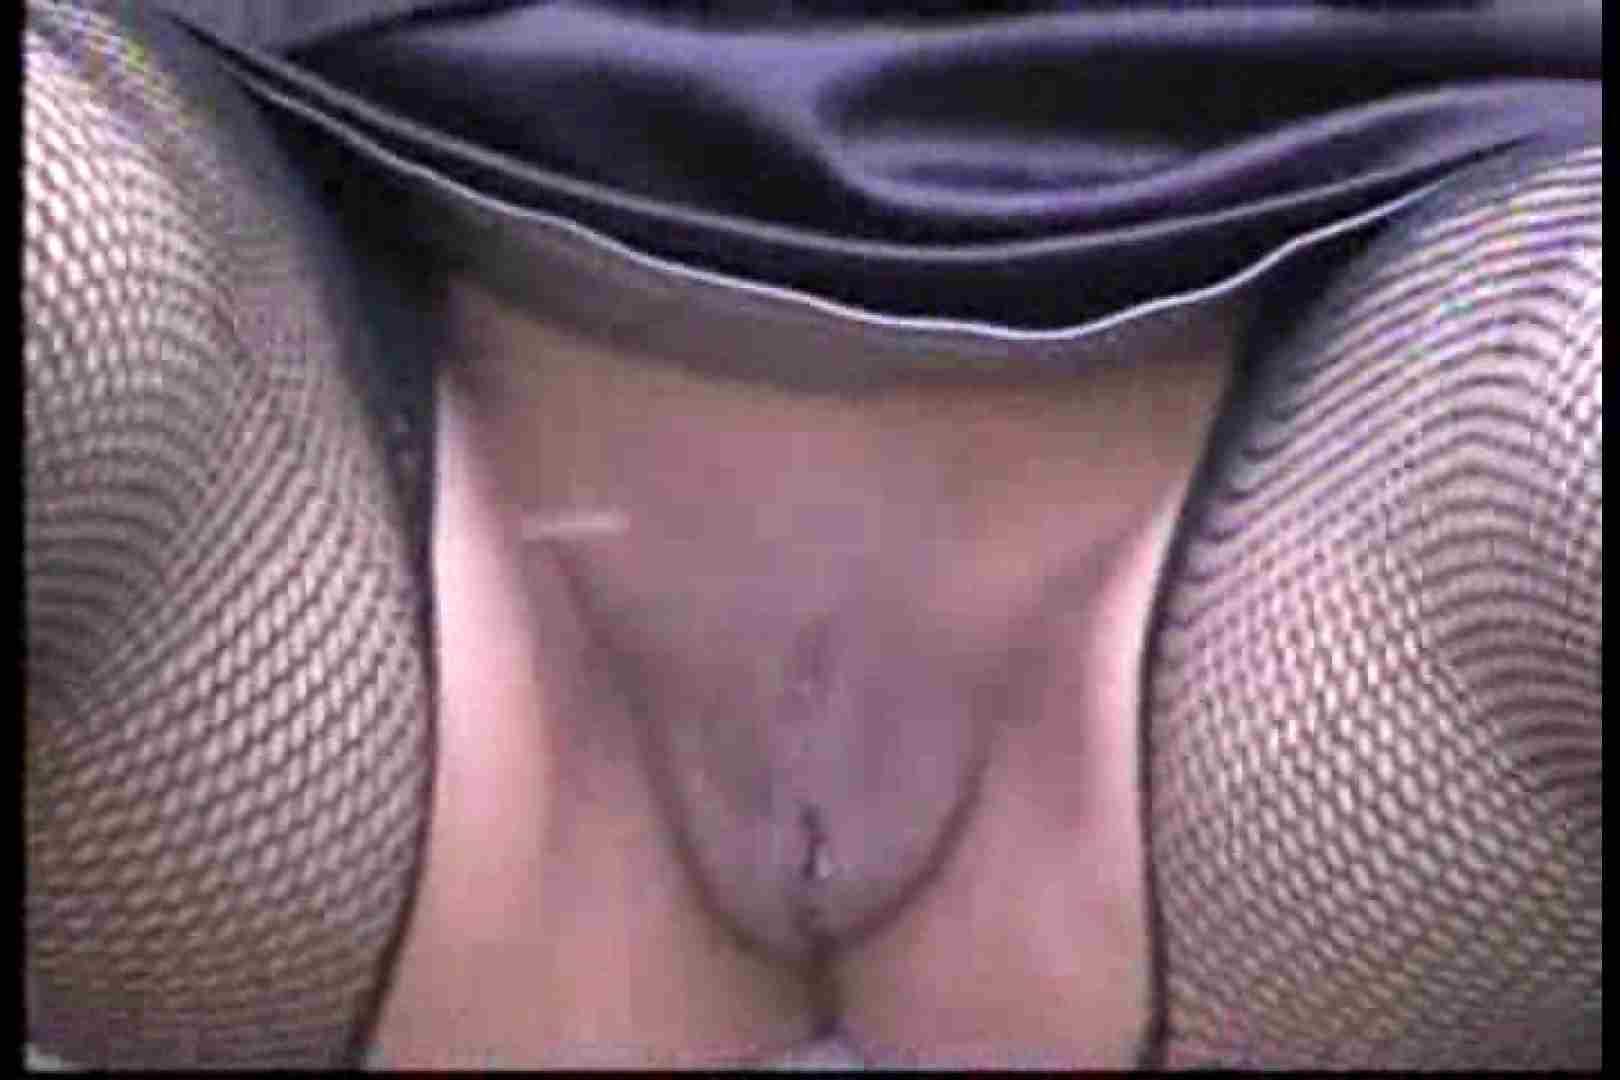 美熟女の野外露出プレイ2 いやらしい熟女 盗撮動画紹介 83連発 22